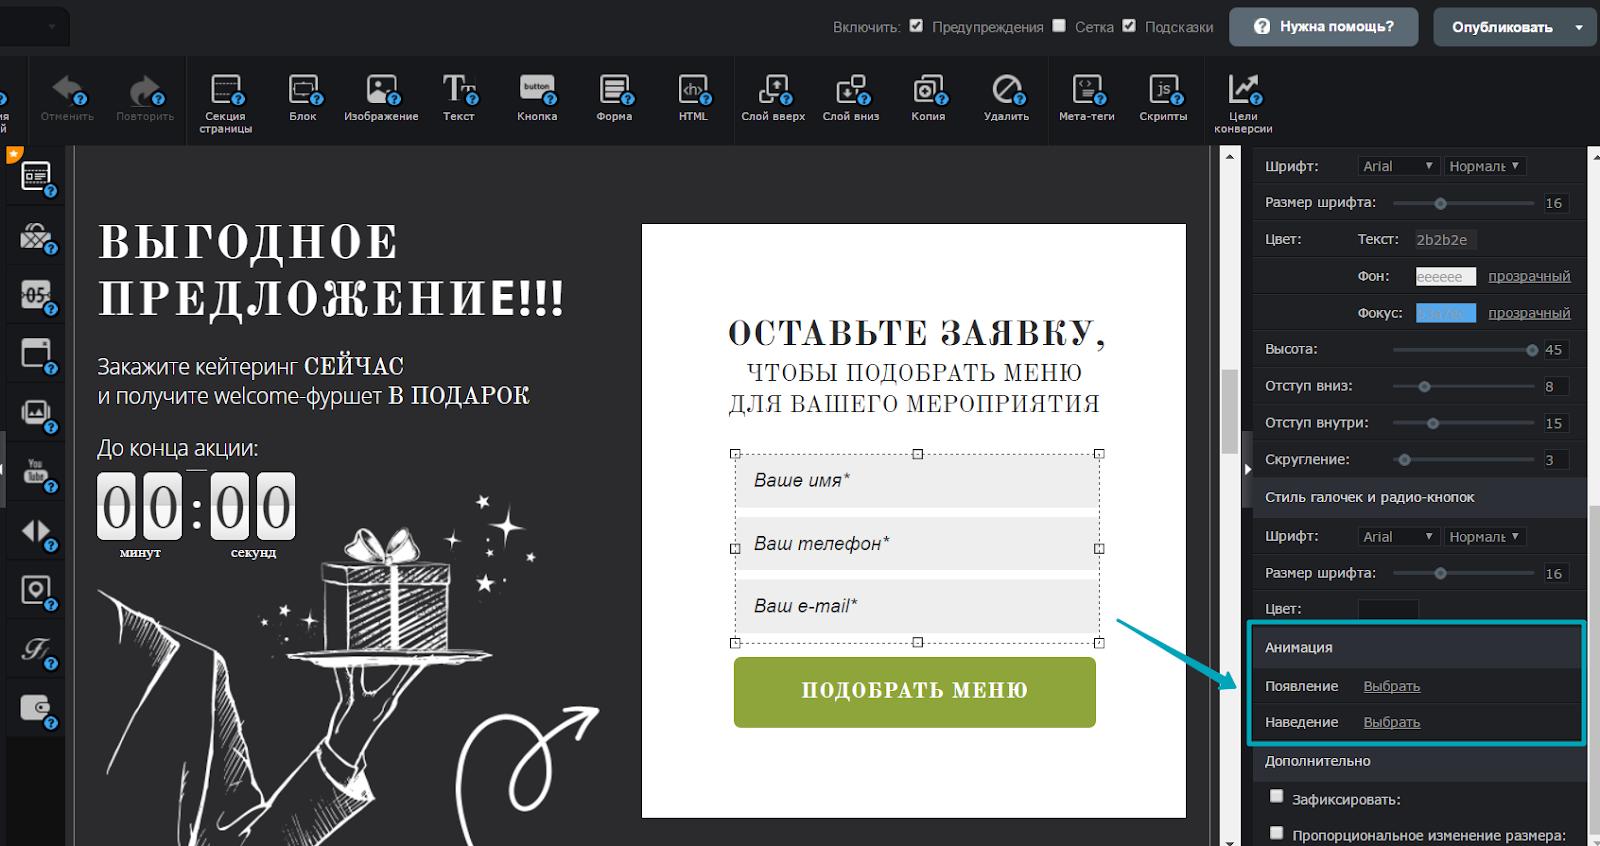 Чтобы настроить анимацию формы, кликните по полям формы и выберите пункт настроек «Анимация» в правой панели редактора